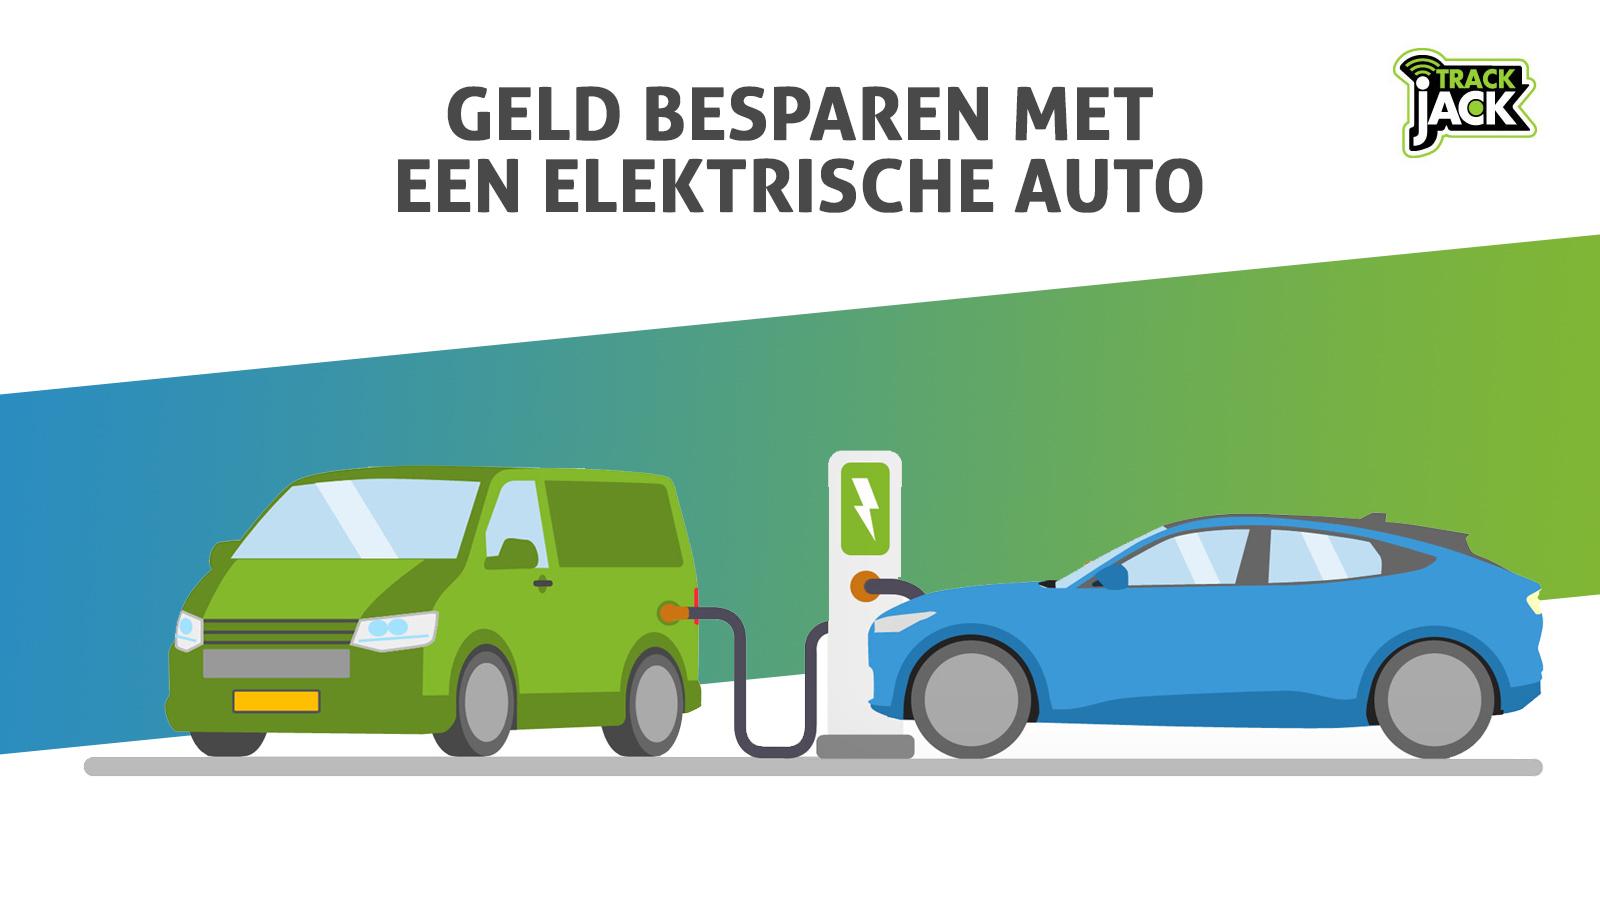 bijtelling elektrische auto 2022